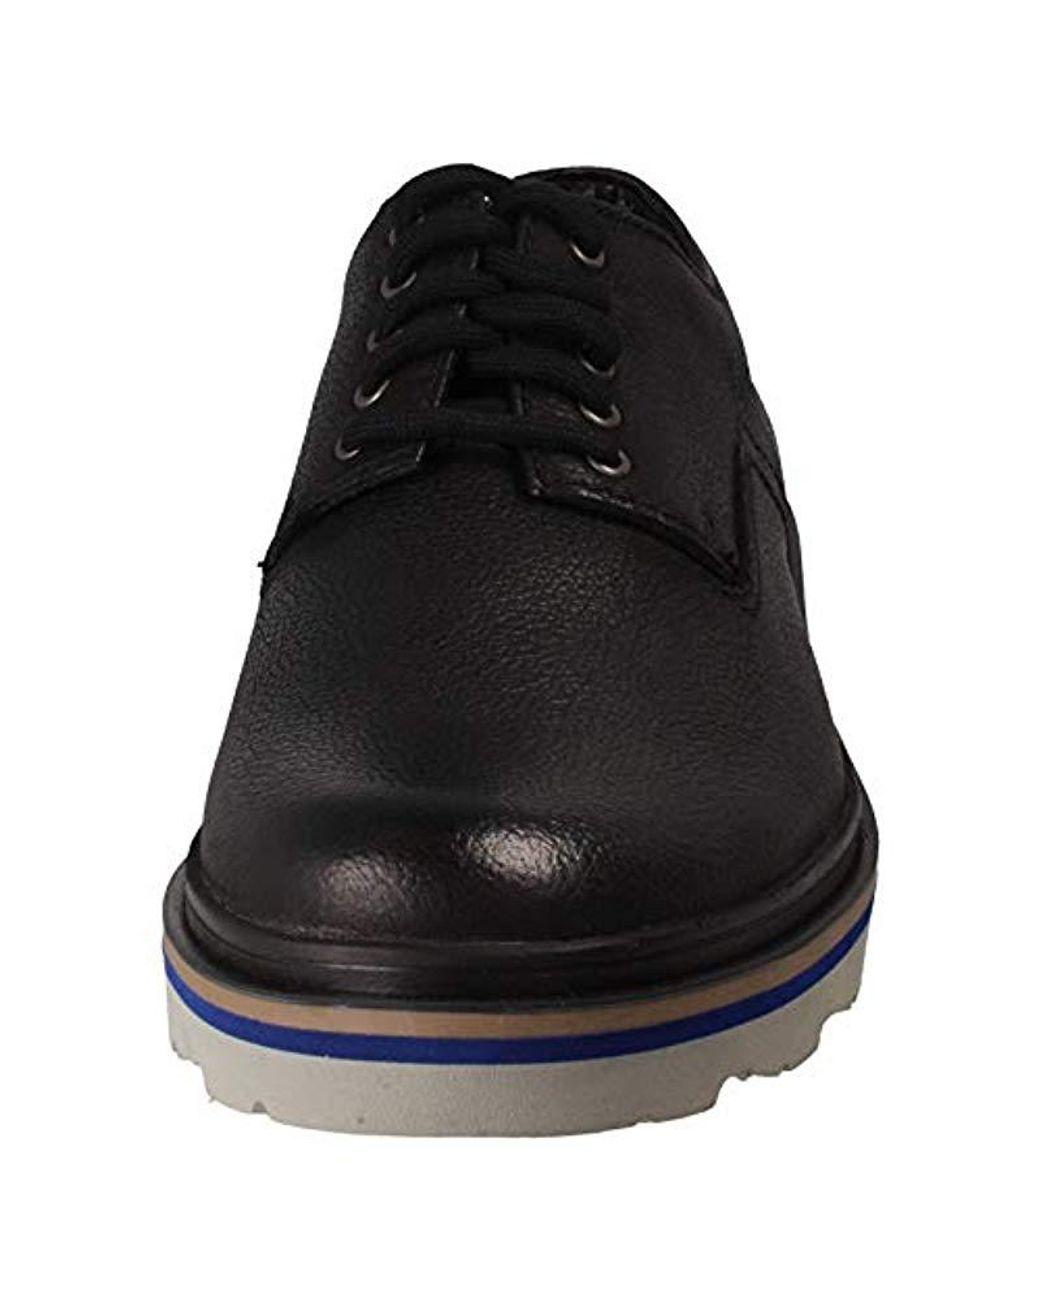 Clarks Mens ** Smart Frelan Walk ** Burnished blue leather ** UK 8,8.5,9,9.5 G